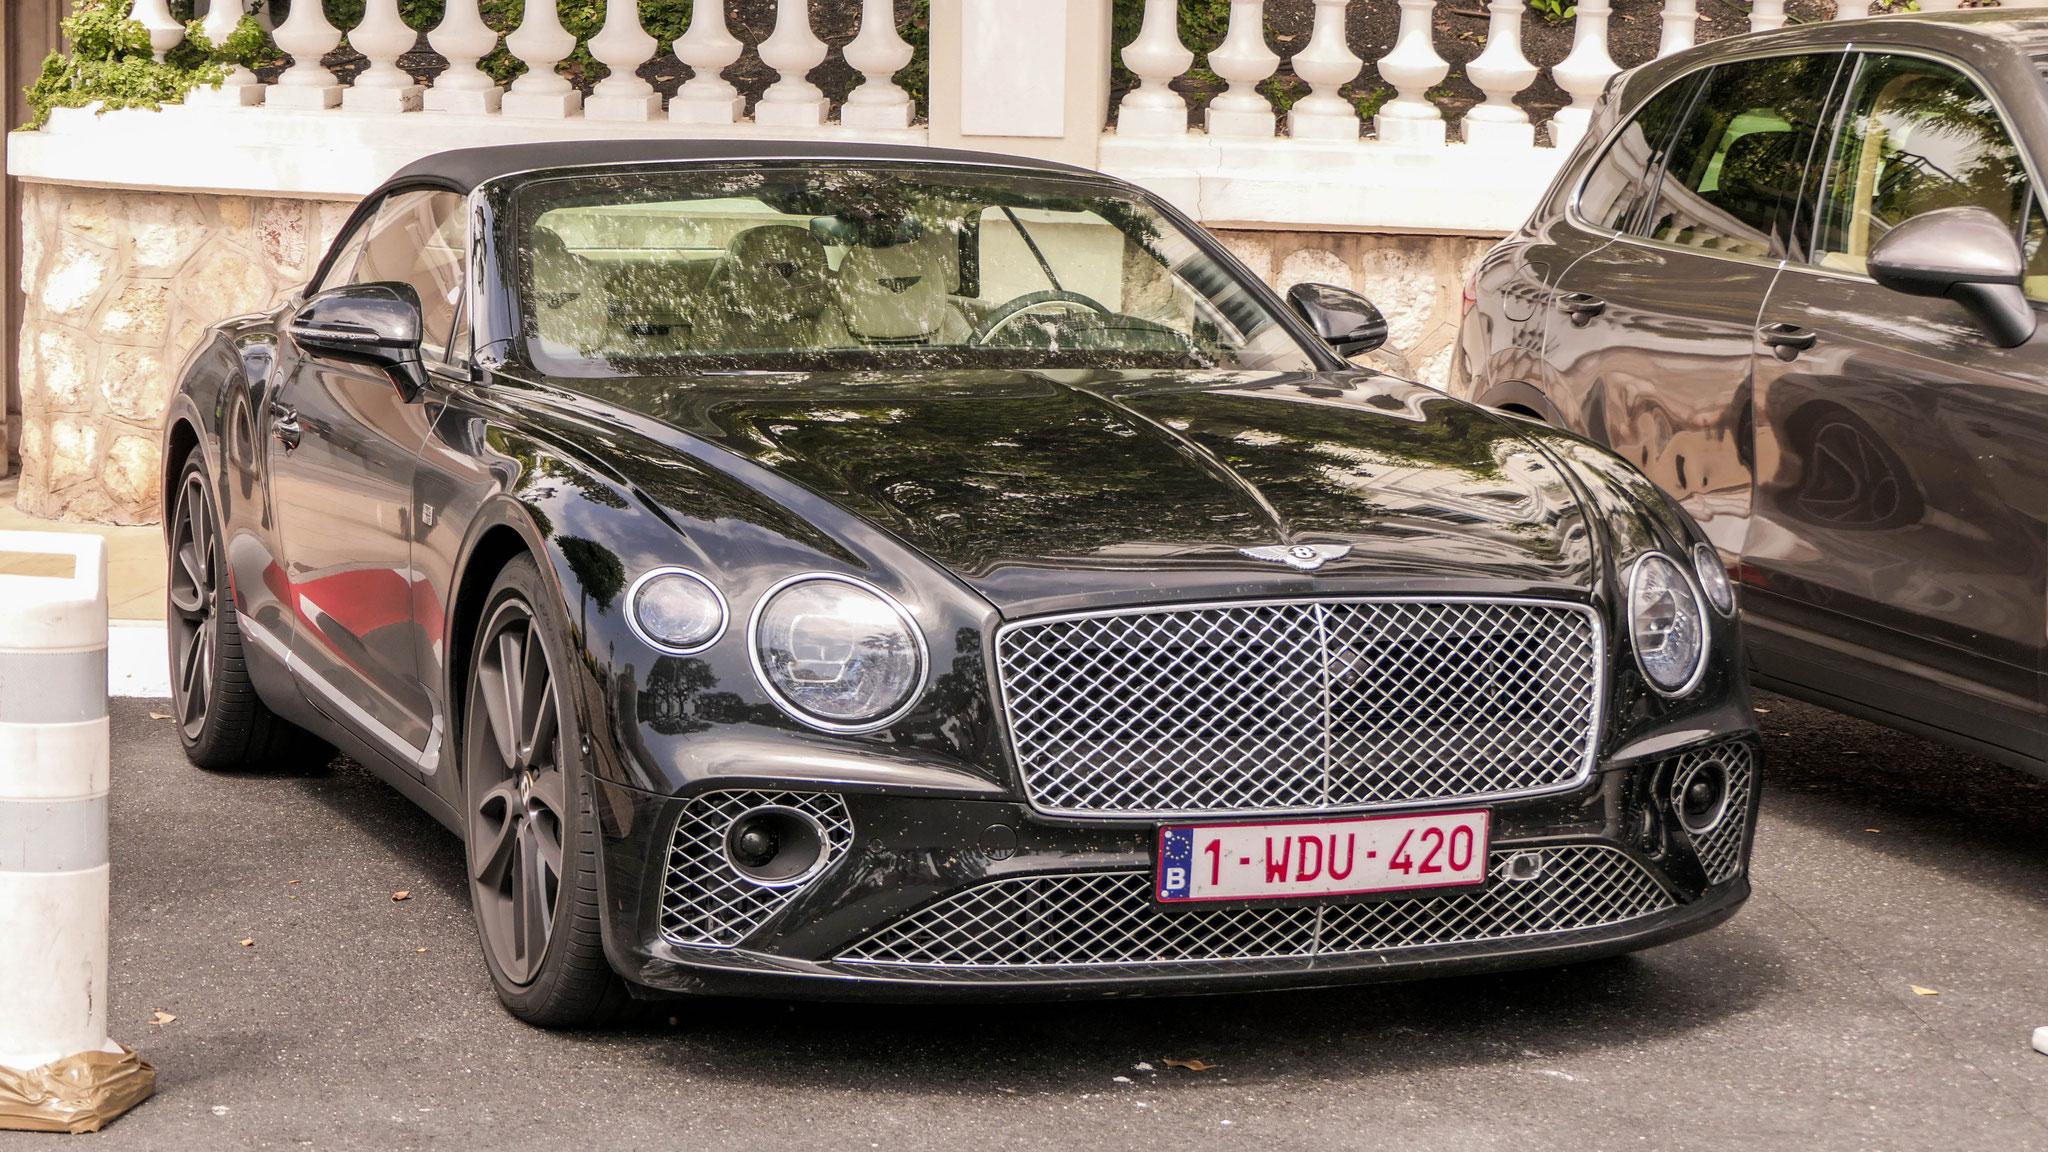 Bentley Continental GTC - 1-WDU-420 (CEL)